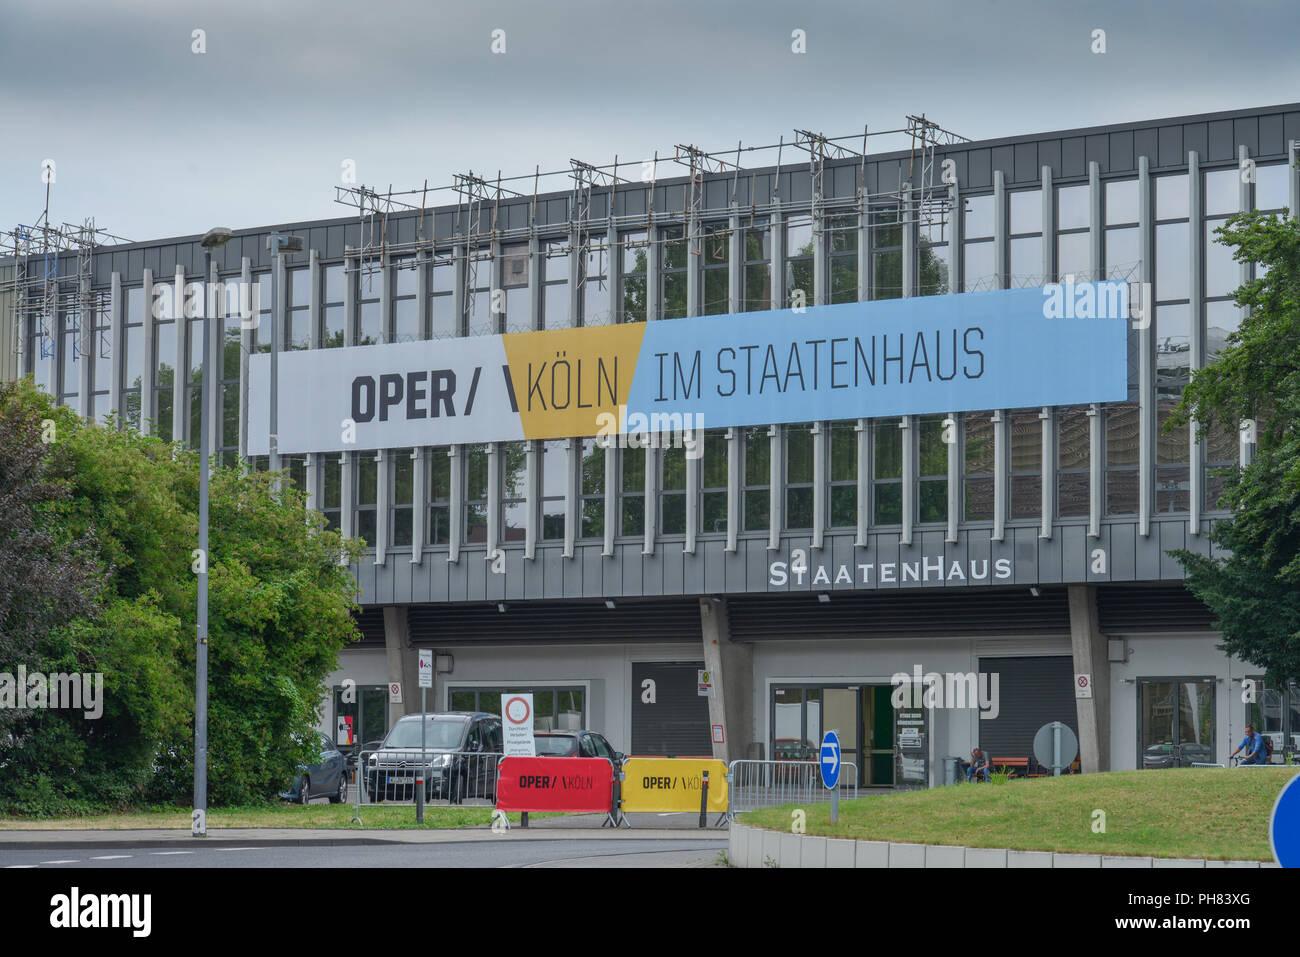 Oper, Staatenhaus, Rheinparkweg, Deutz, Koeln, Nordrhein-Westfalen, Deutschland - Stock Image